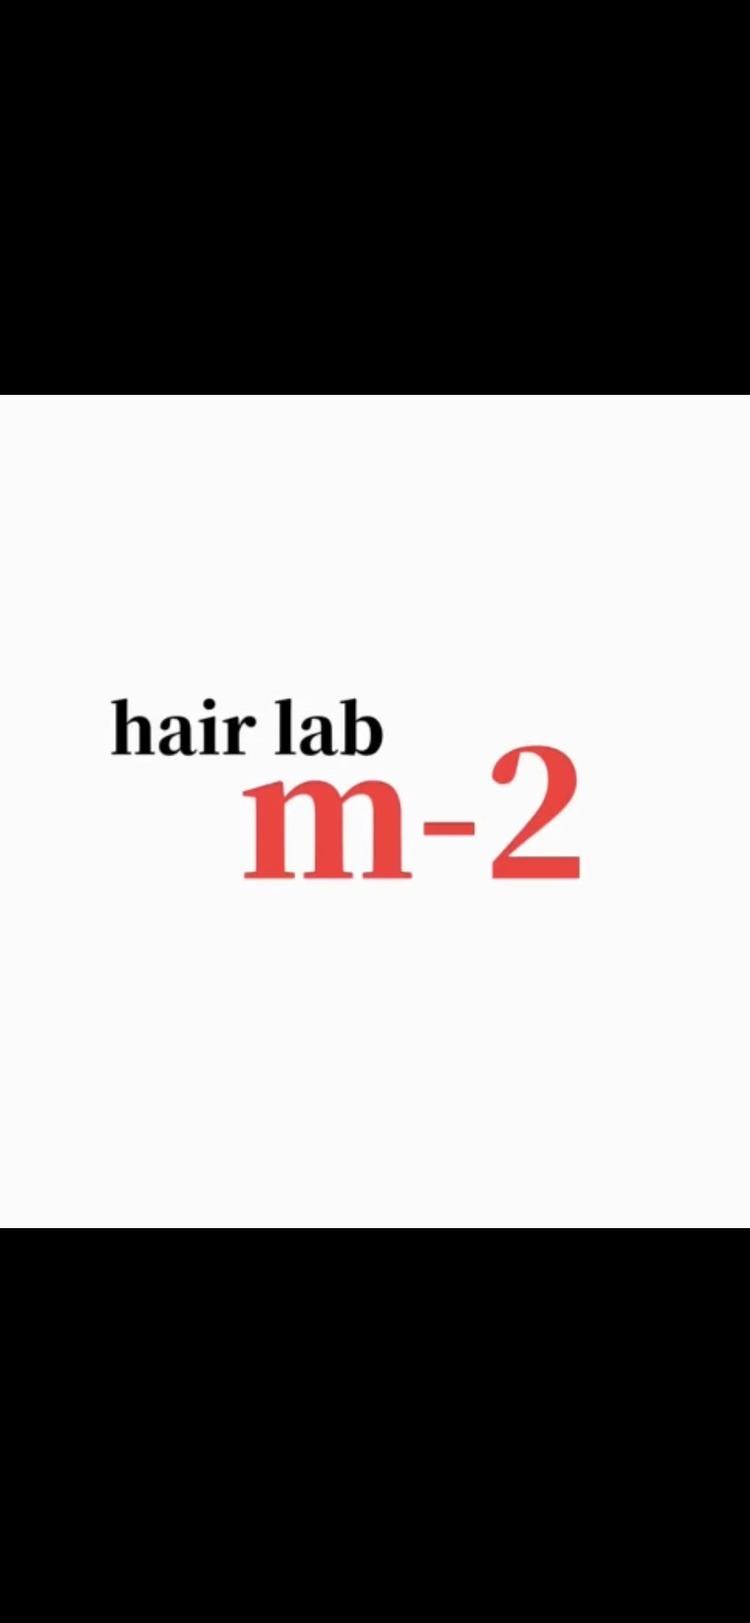 hair  lab  m-2